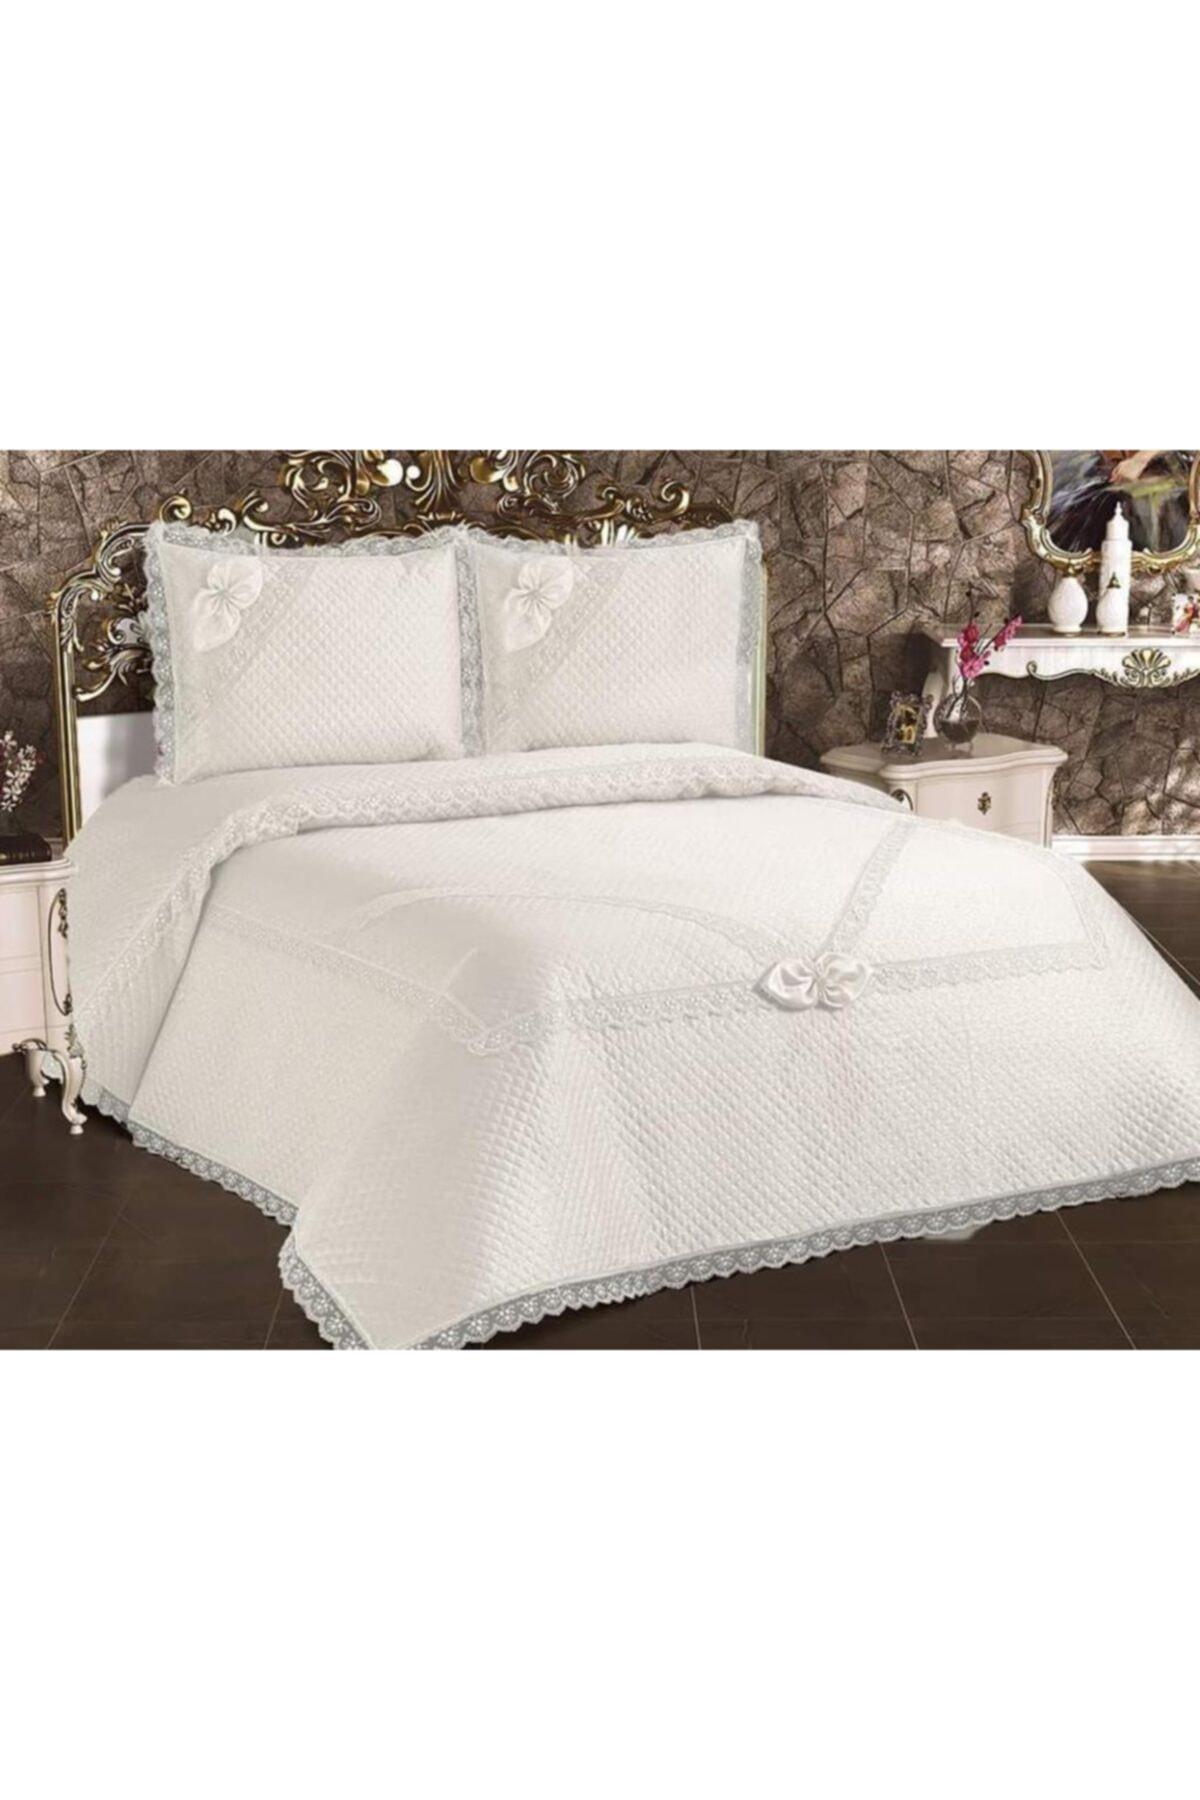 جيبور-طقم سرير مزدوج برباط ، غطاء وسادة فرنسي ، ملاءة سرير ، بطانة سرير ، جيسيرك